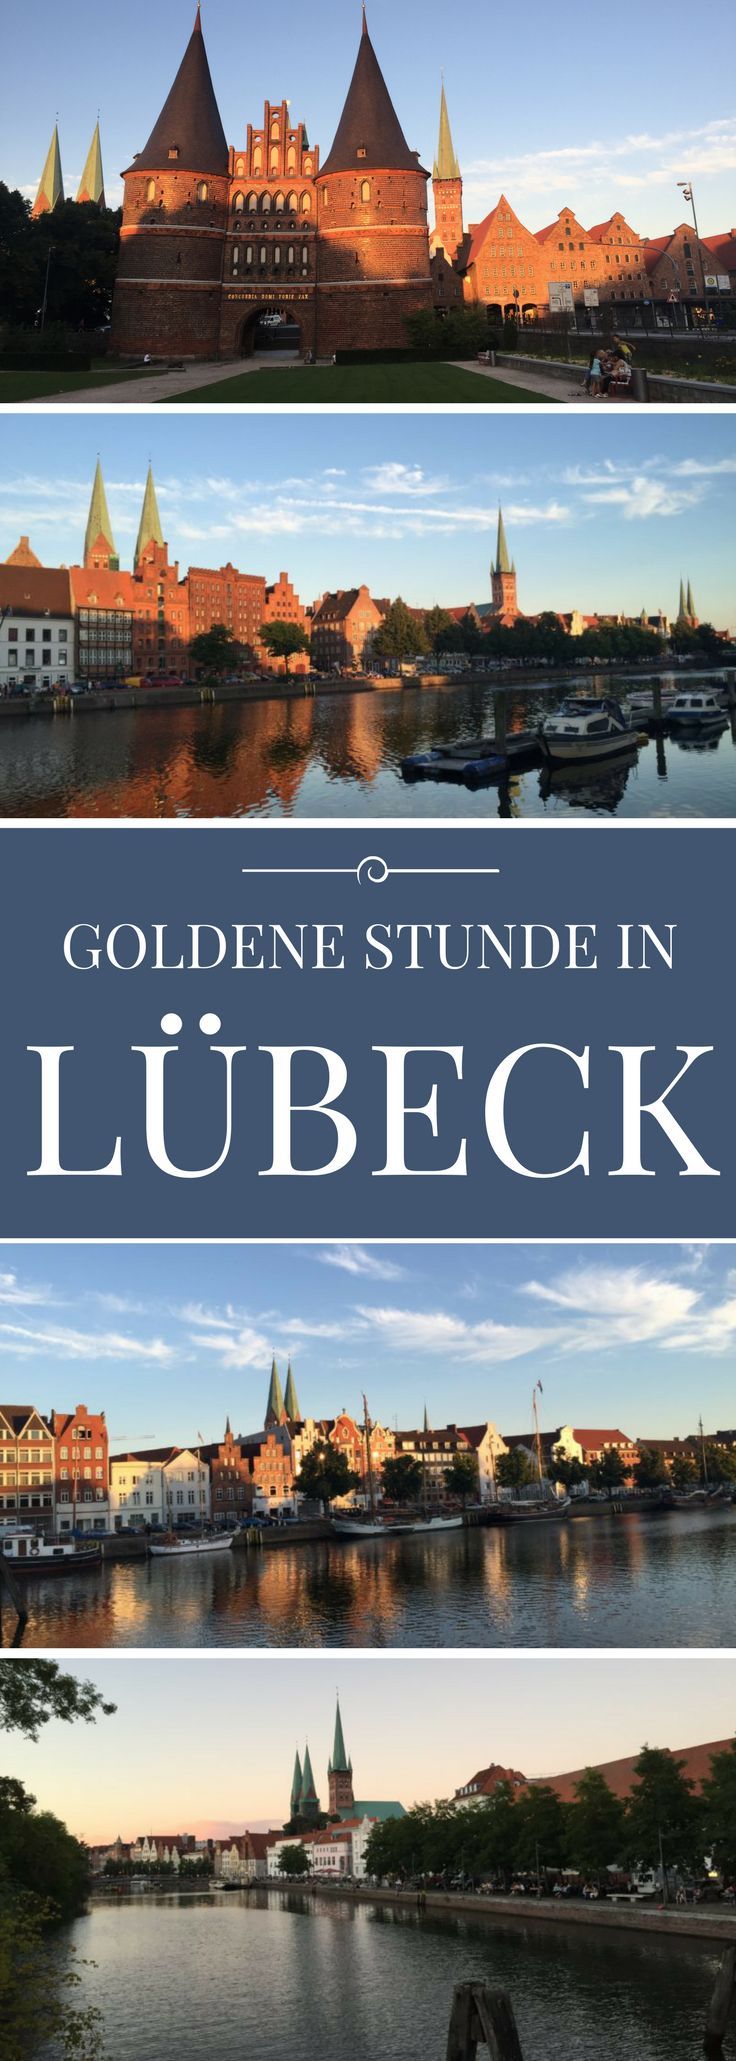 Lübeck bei Sonnenuntergang. Die Marzipanstadt in der Goldenen Stunde.